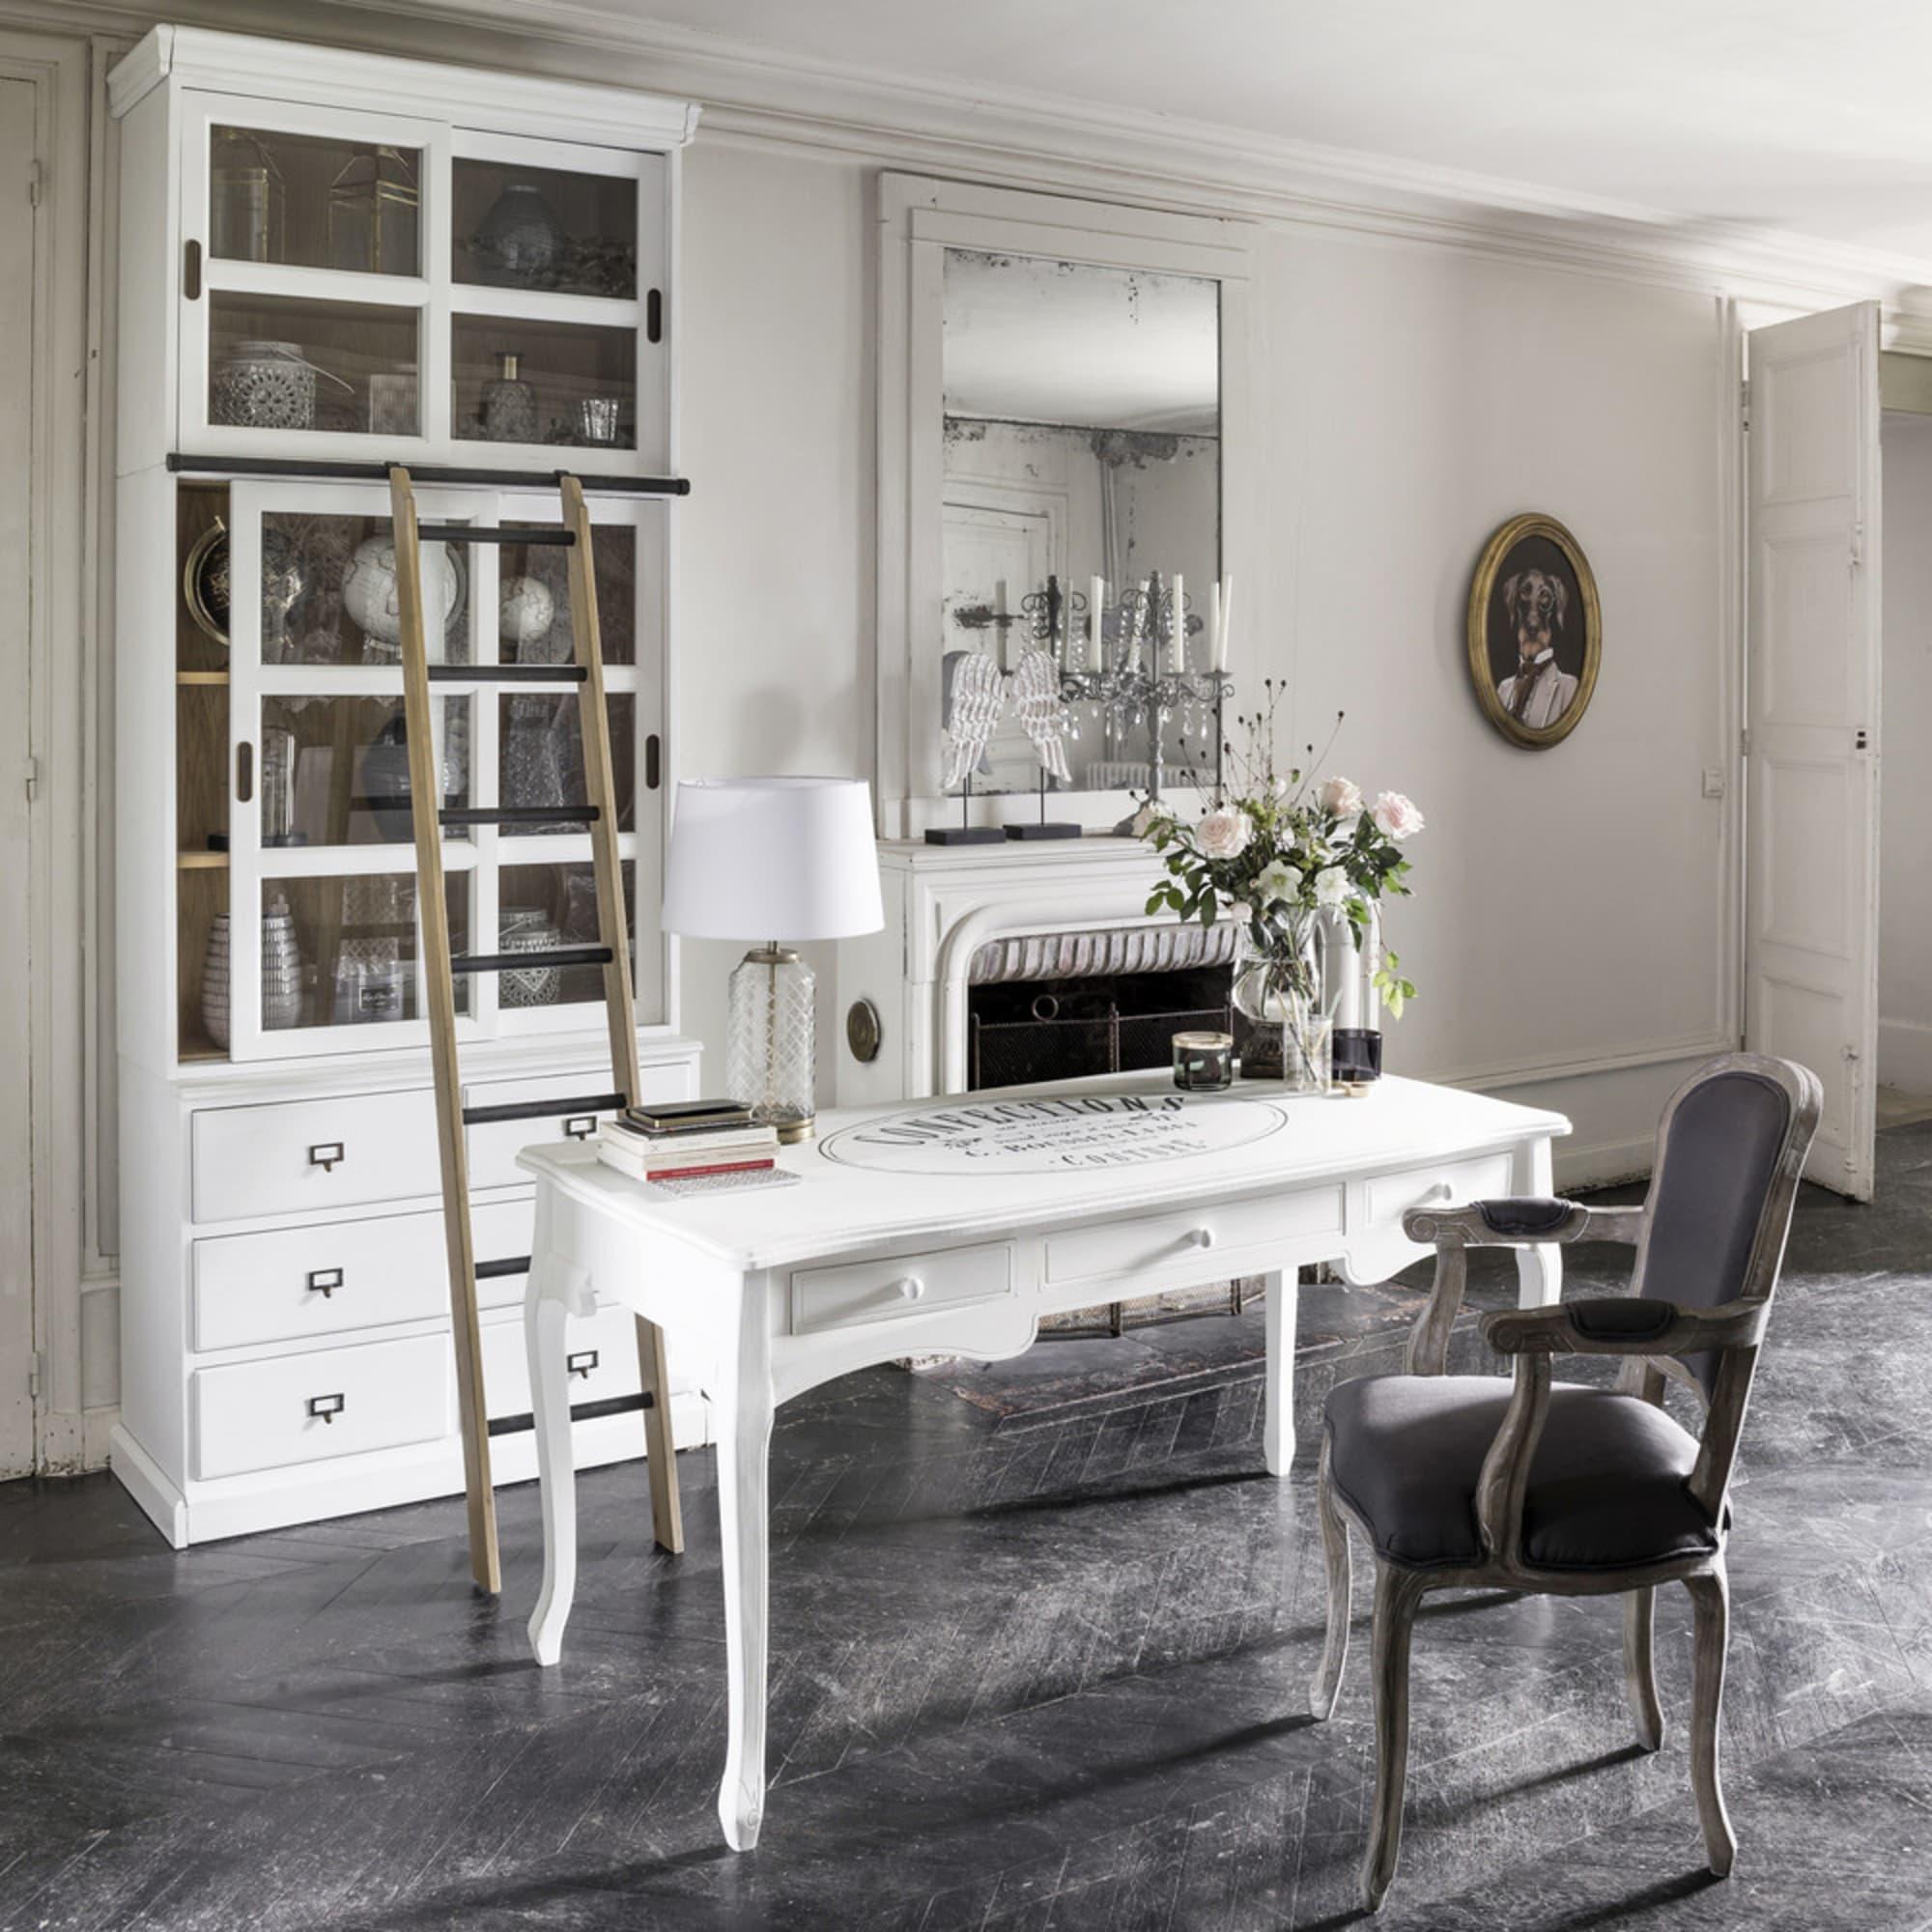 Sessel im französischen Landhausstil